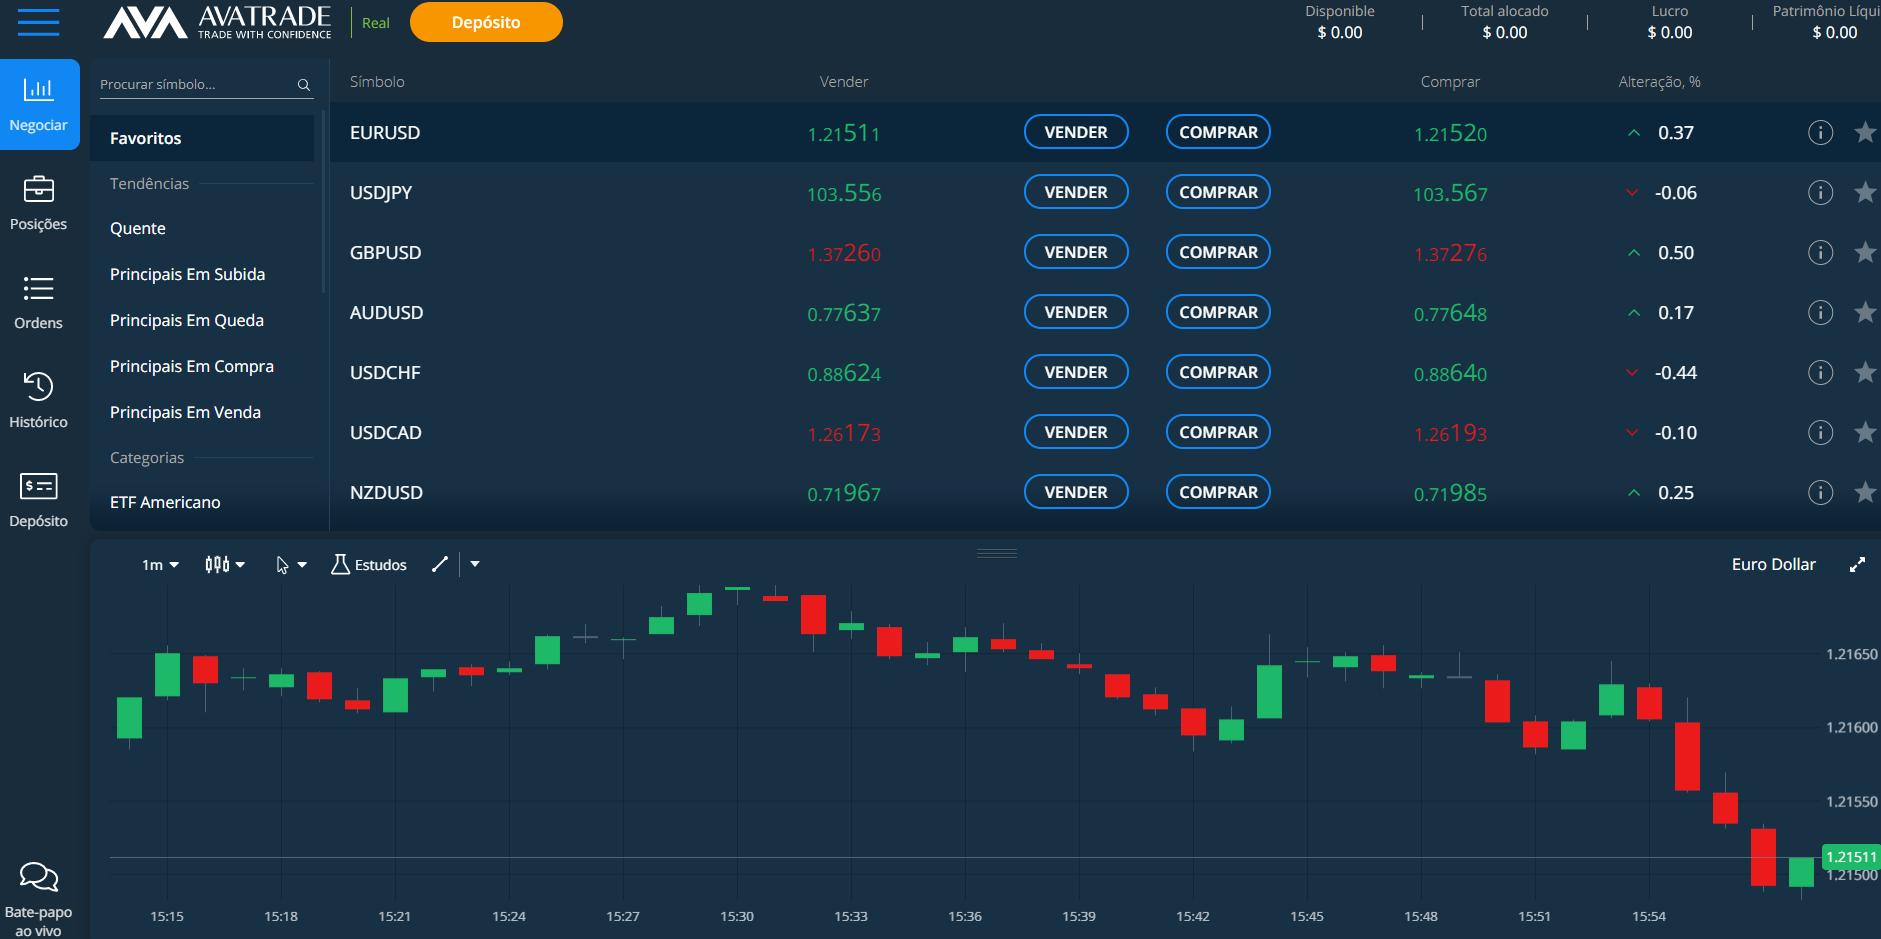 bitcoin prekybos apimtis koreliuoja su alt monetomis